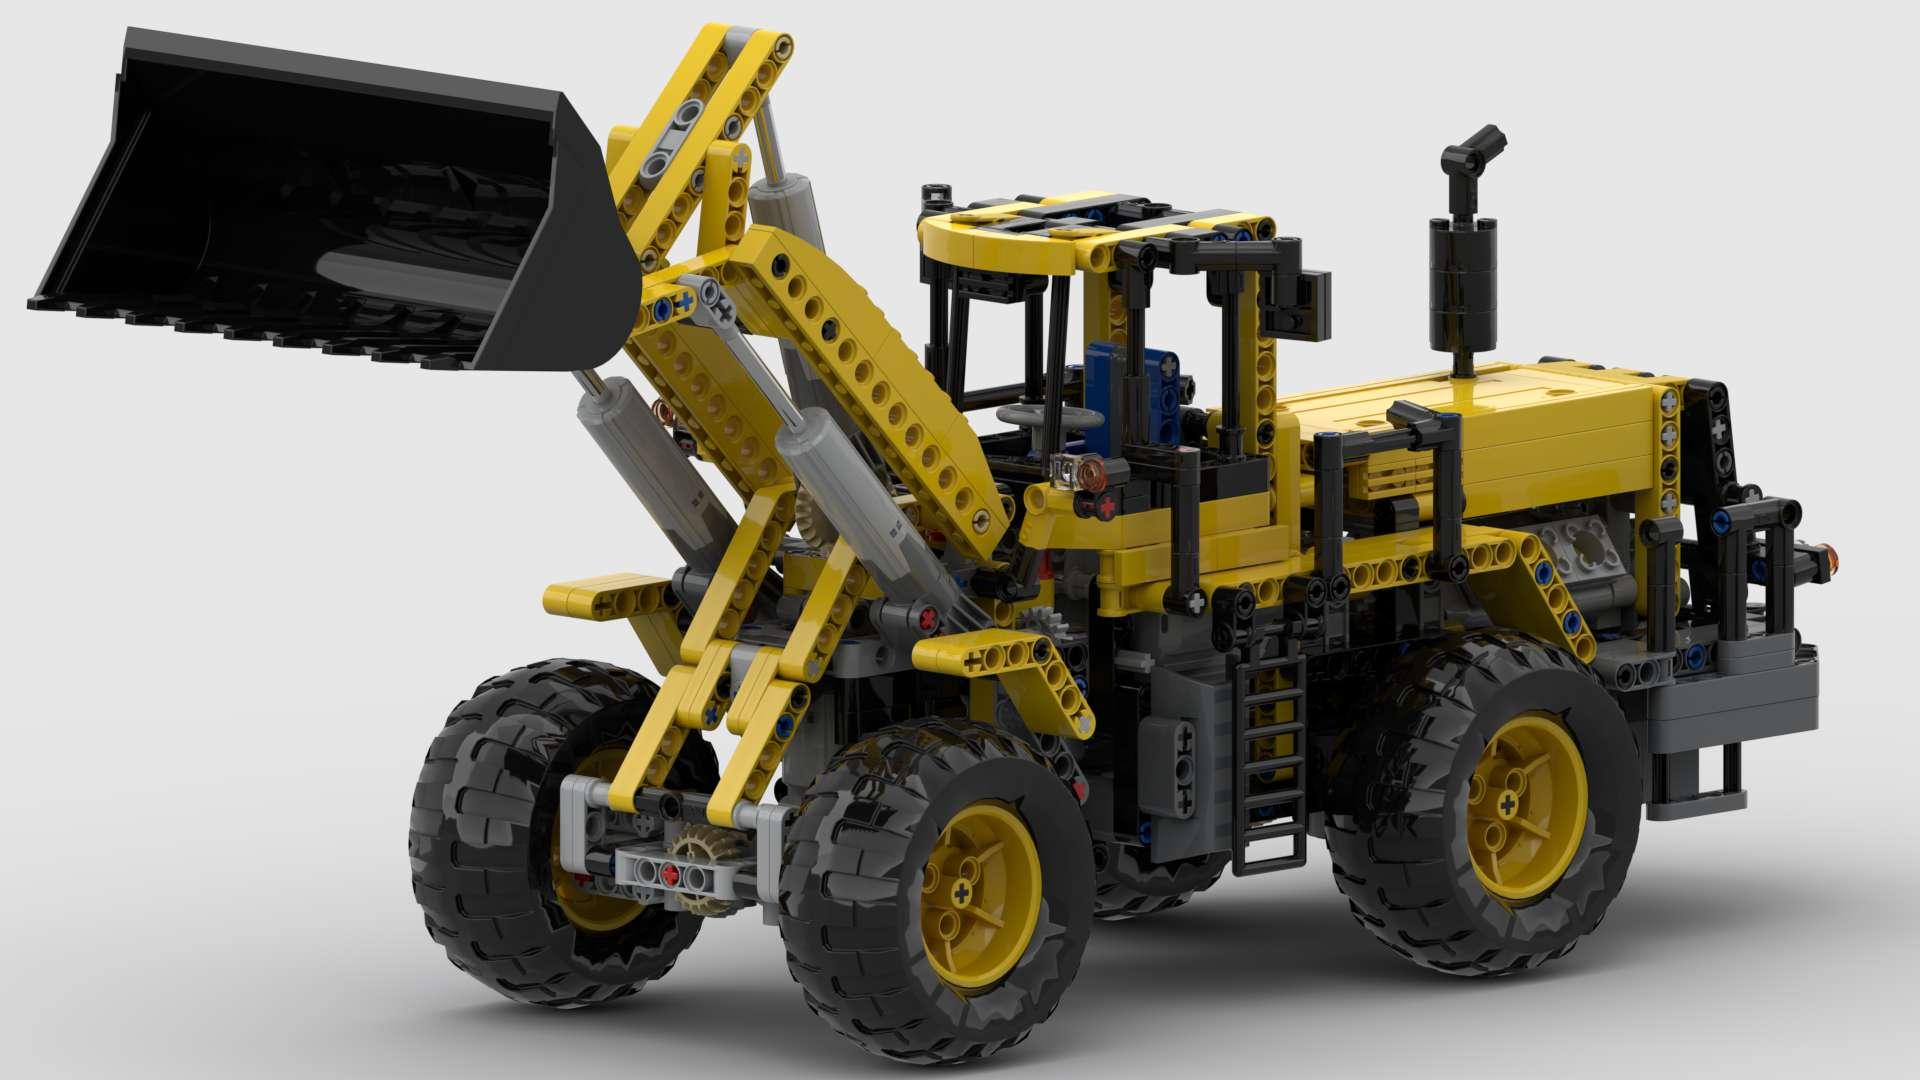 http://mistercreator.de/produkt/lego-8265-frontlader-rc-umbau/